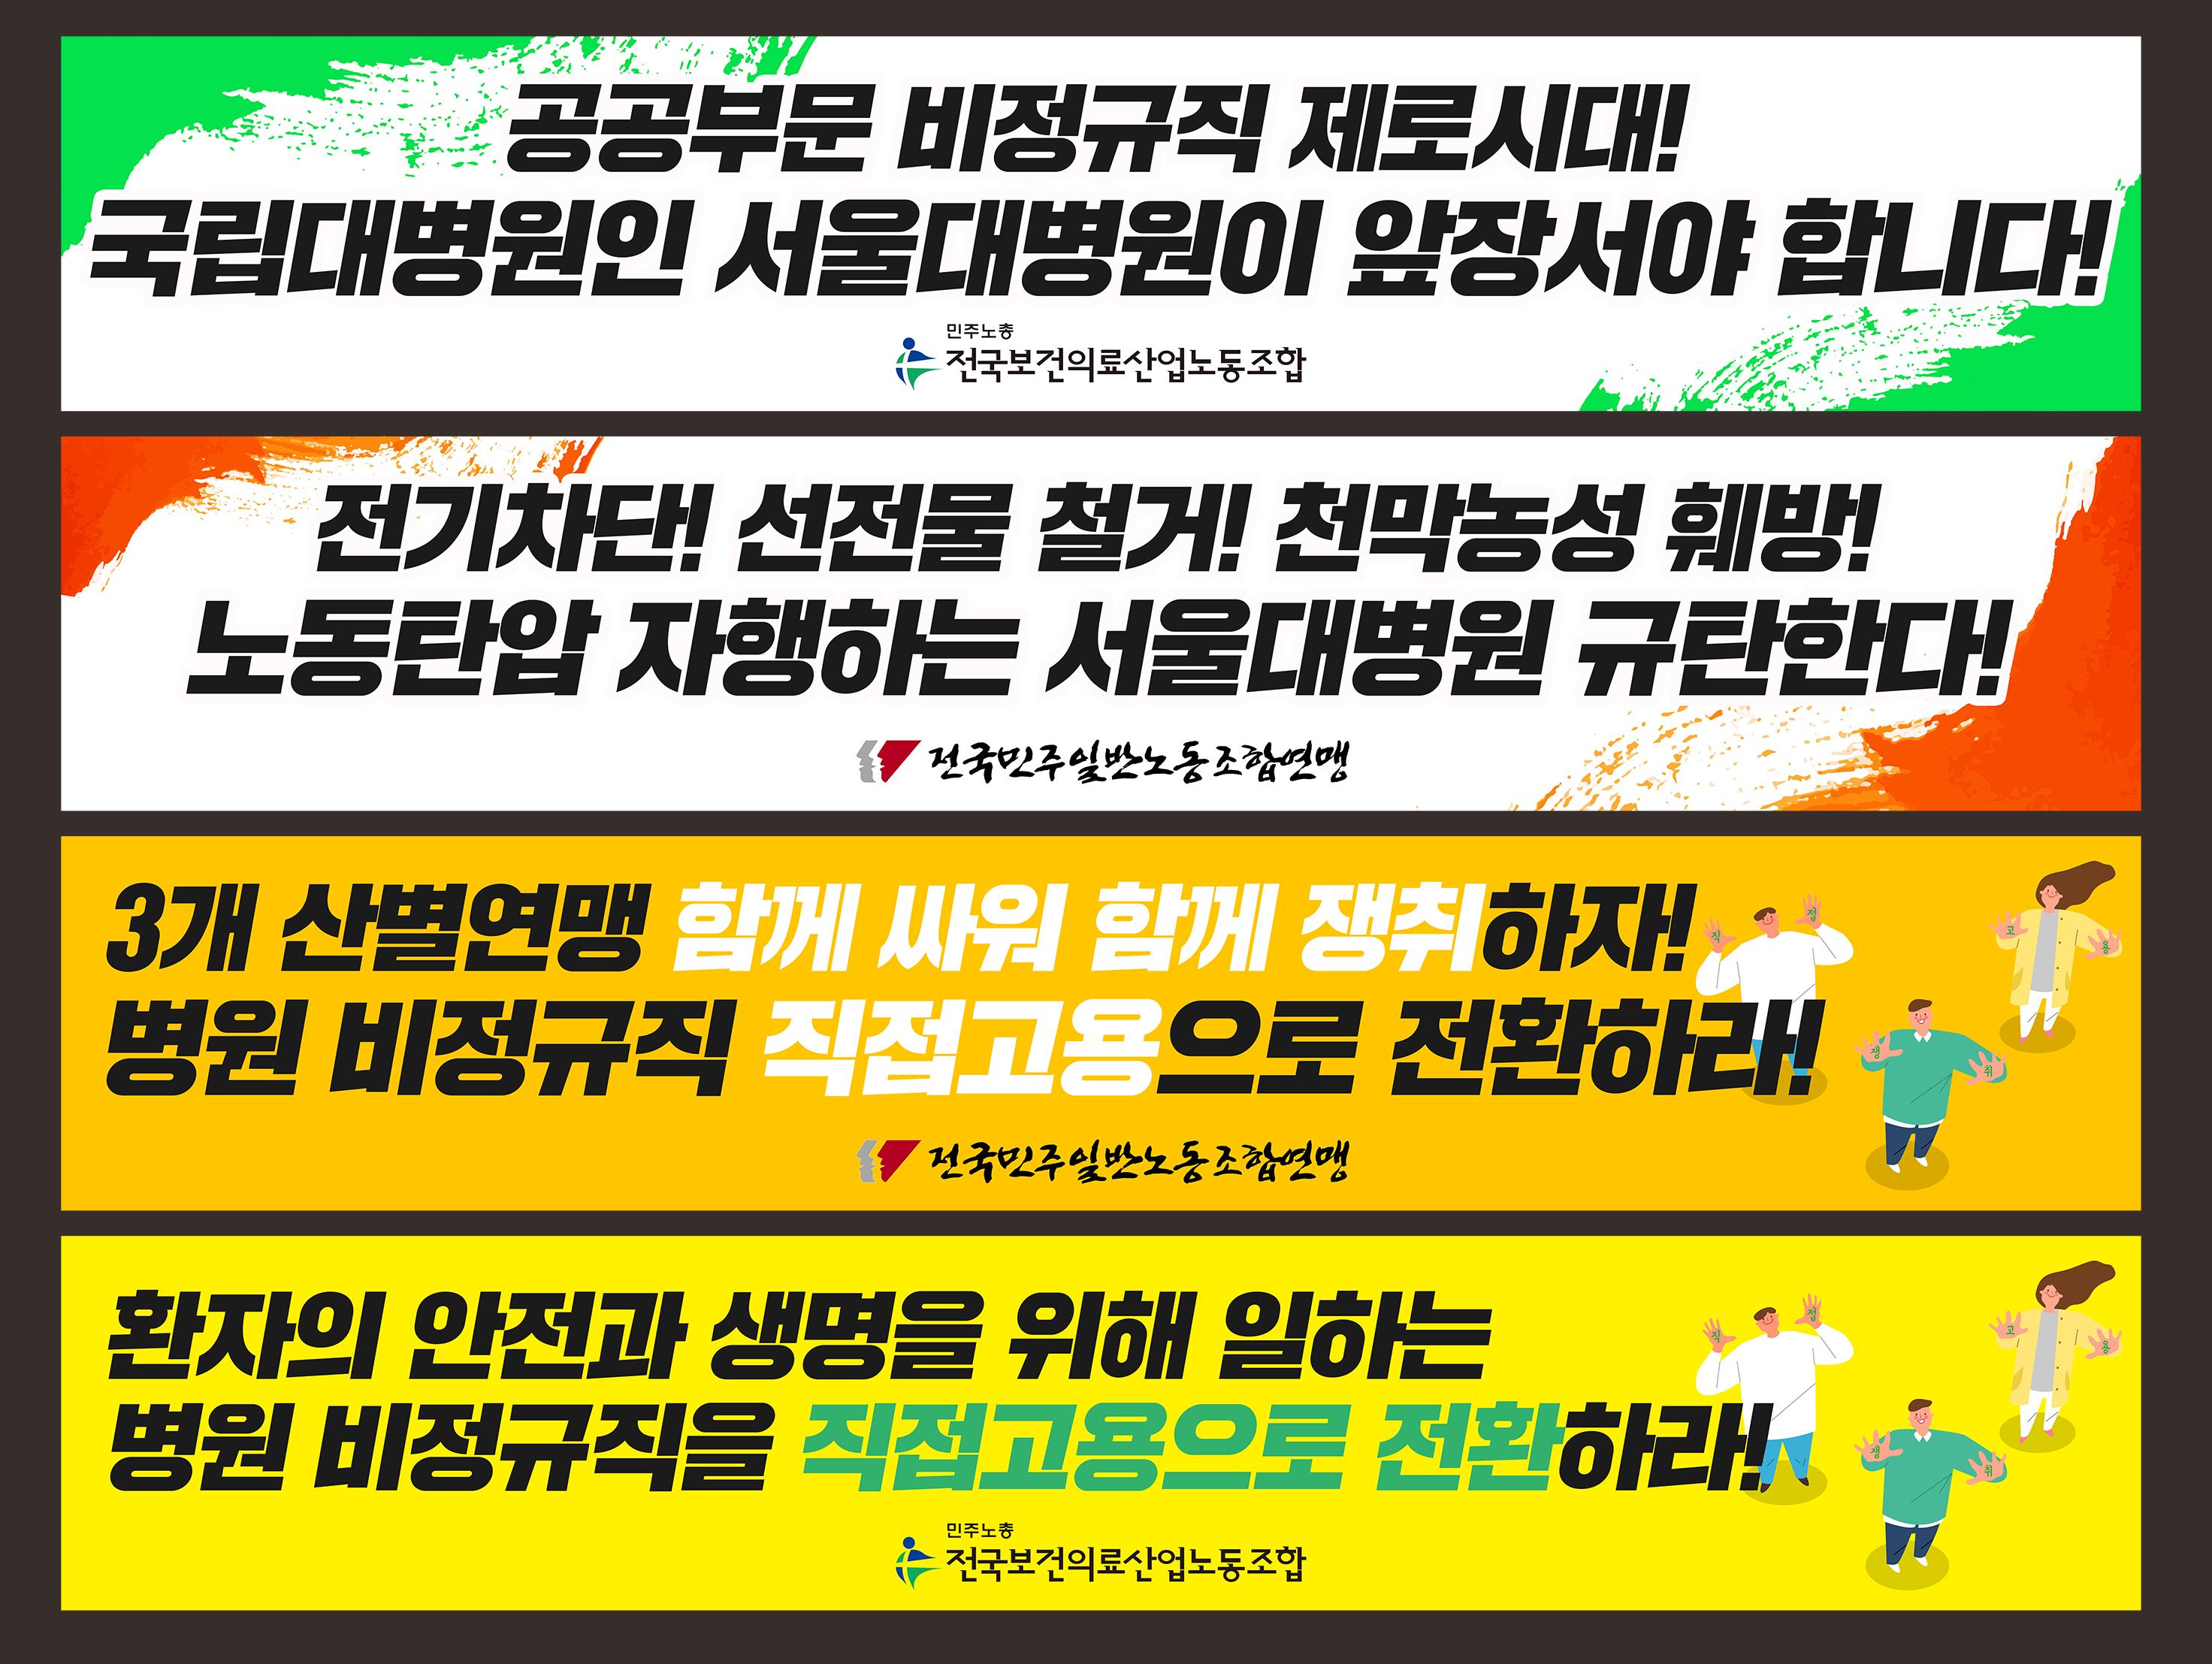 190528_서울대병원 규탄 현수막(예시).jpg